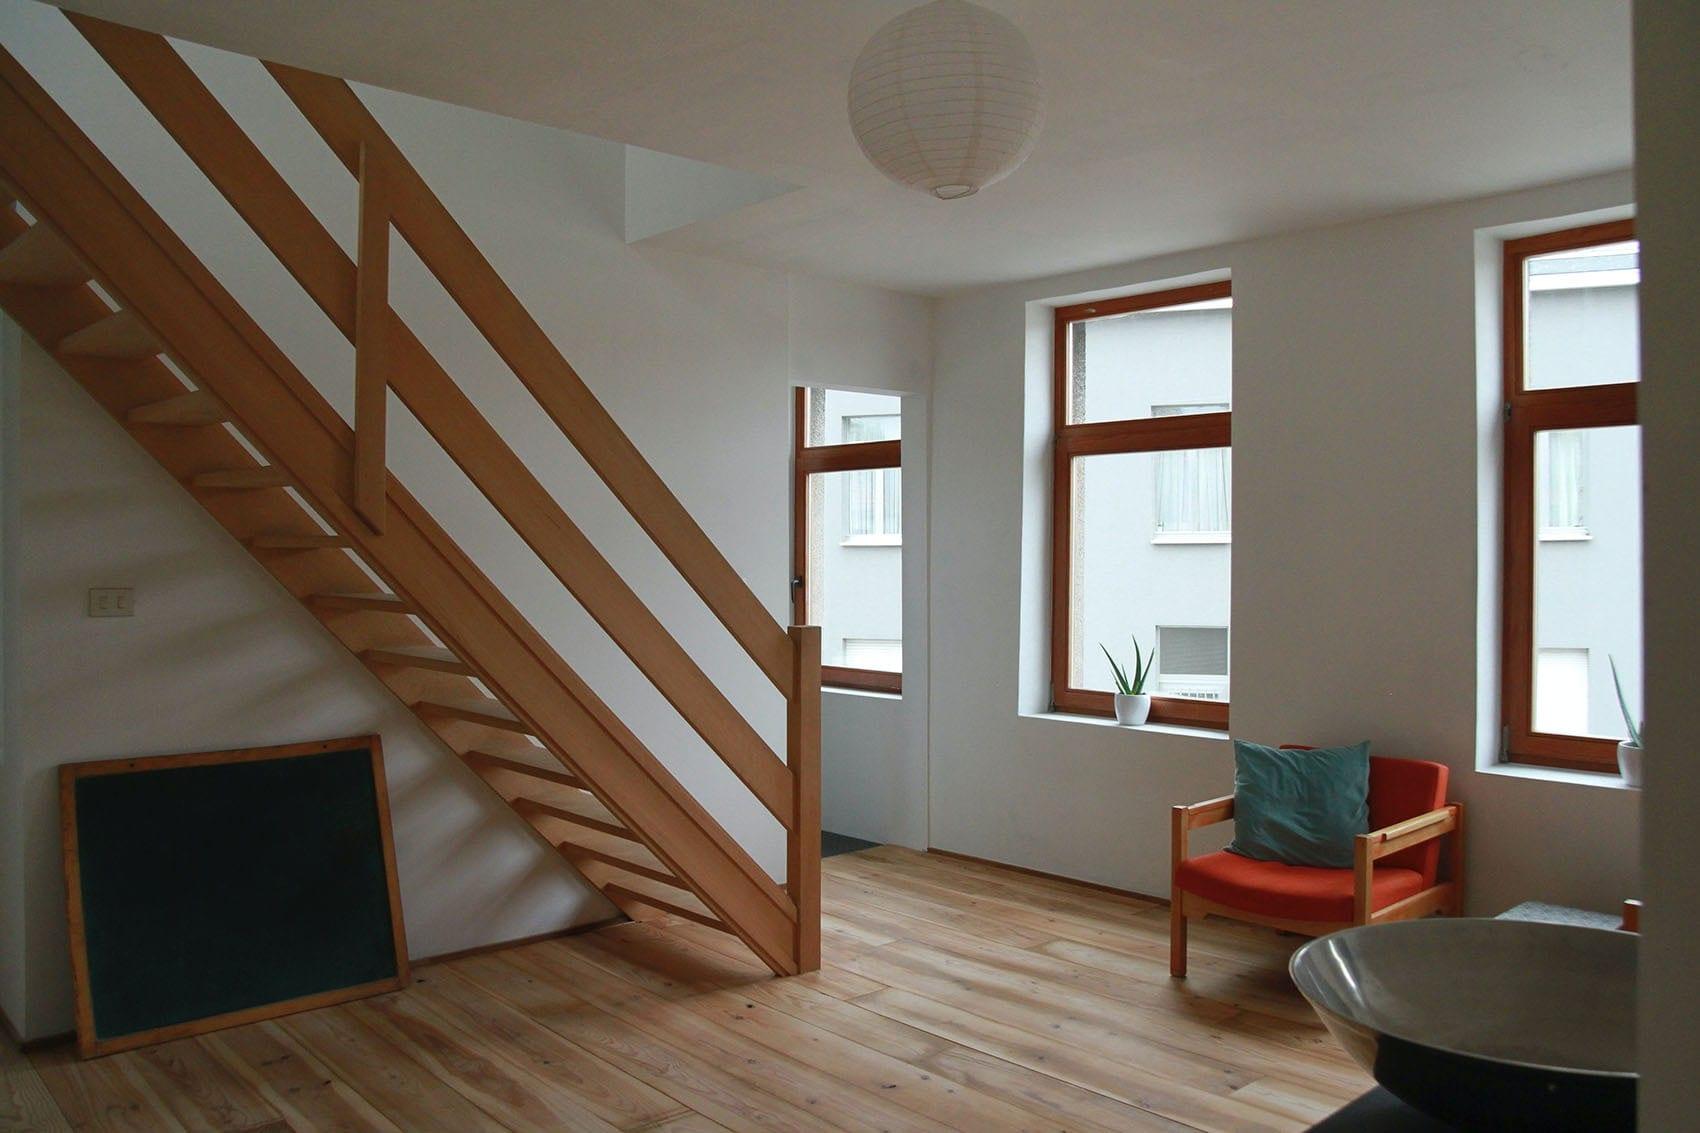 Escalier droit sur-mesure par Wood-in Menuiserie